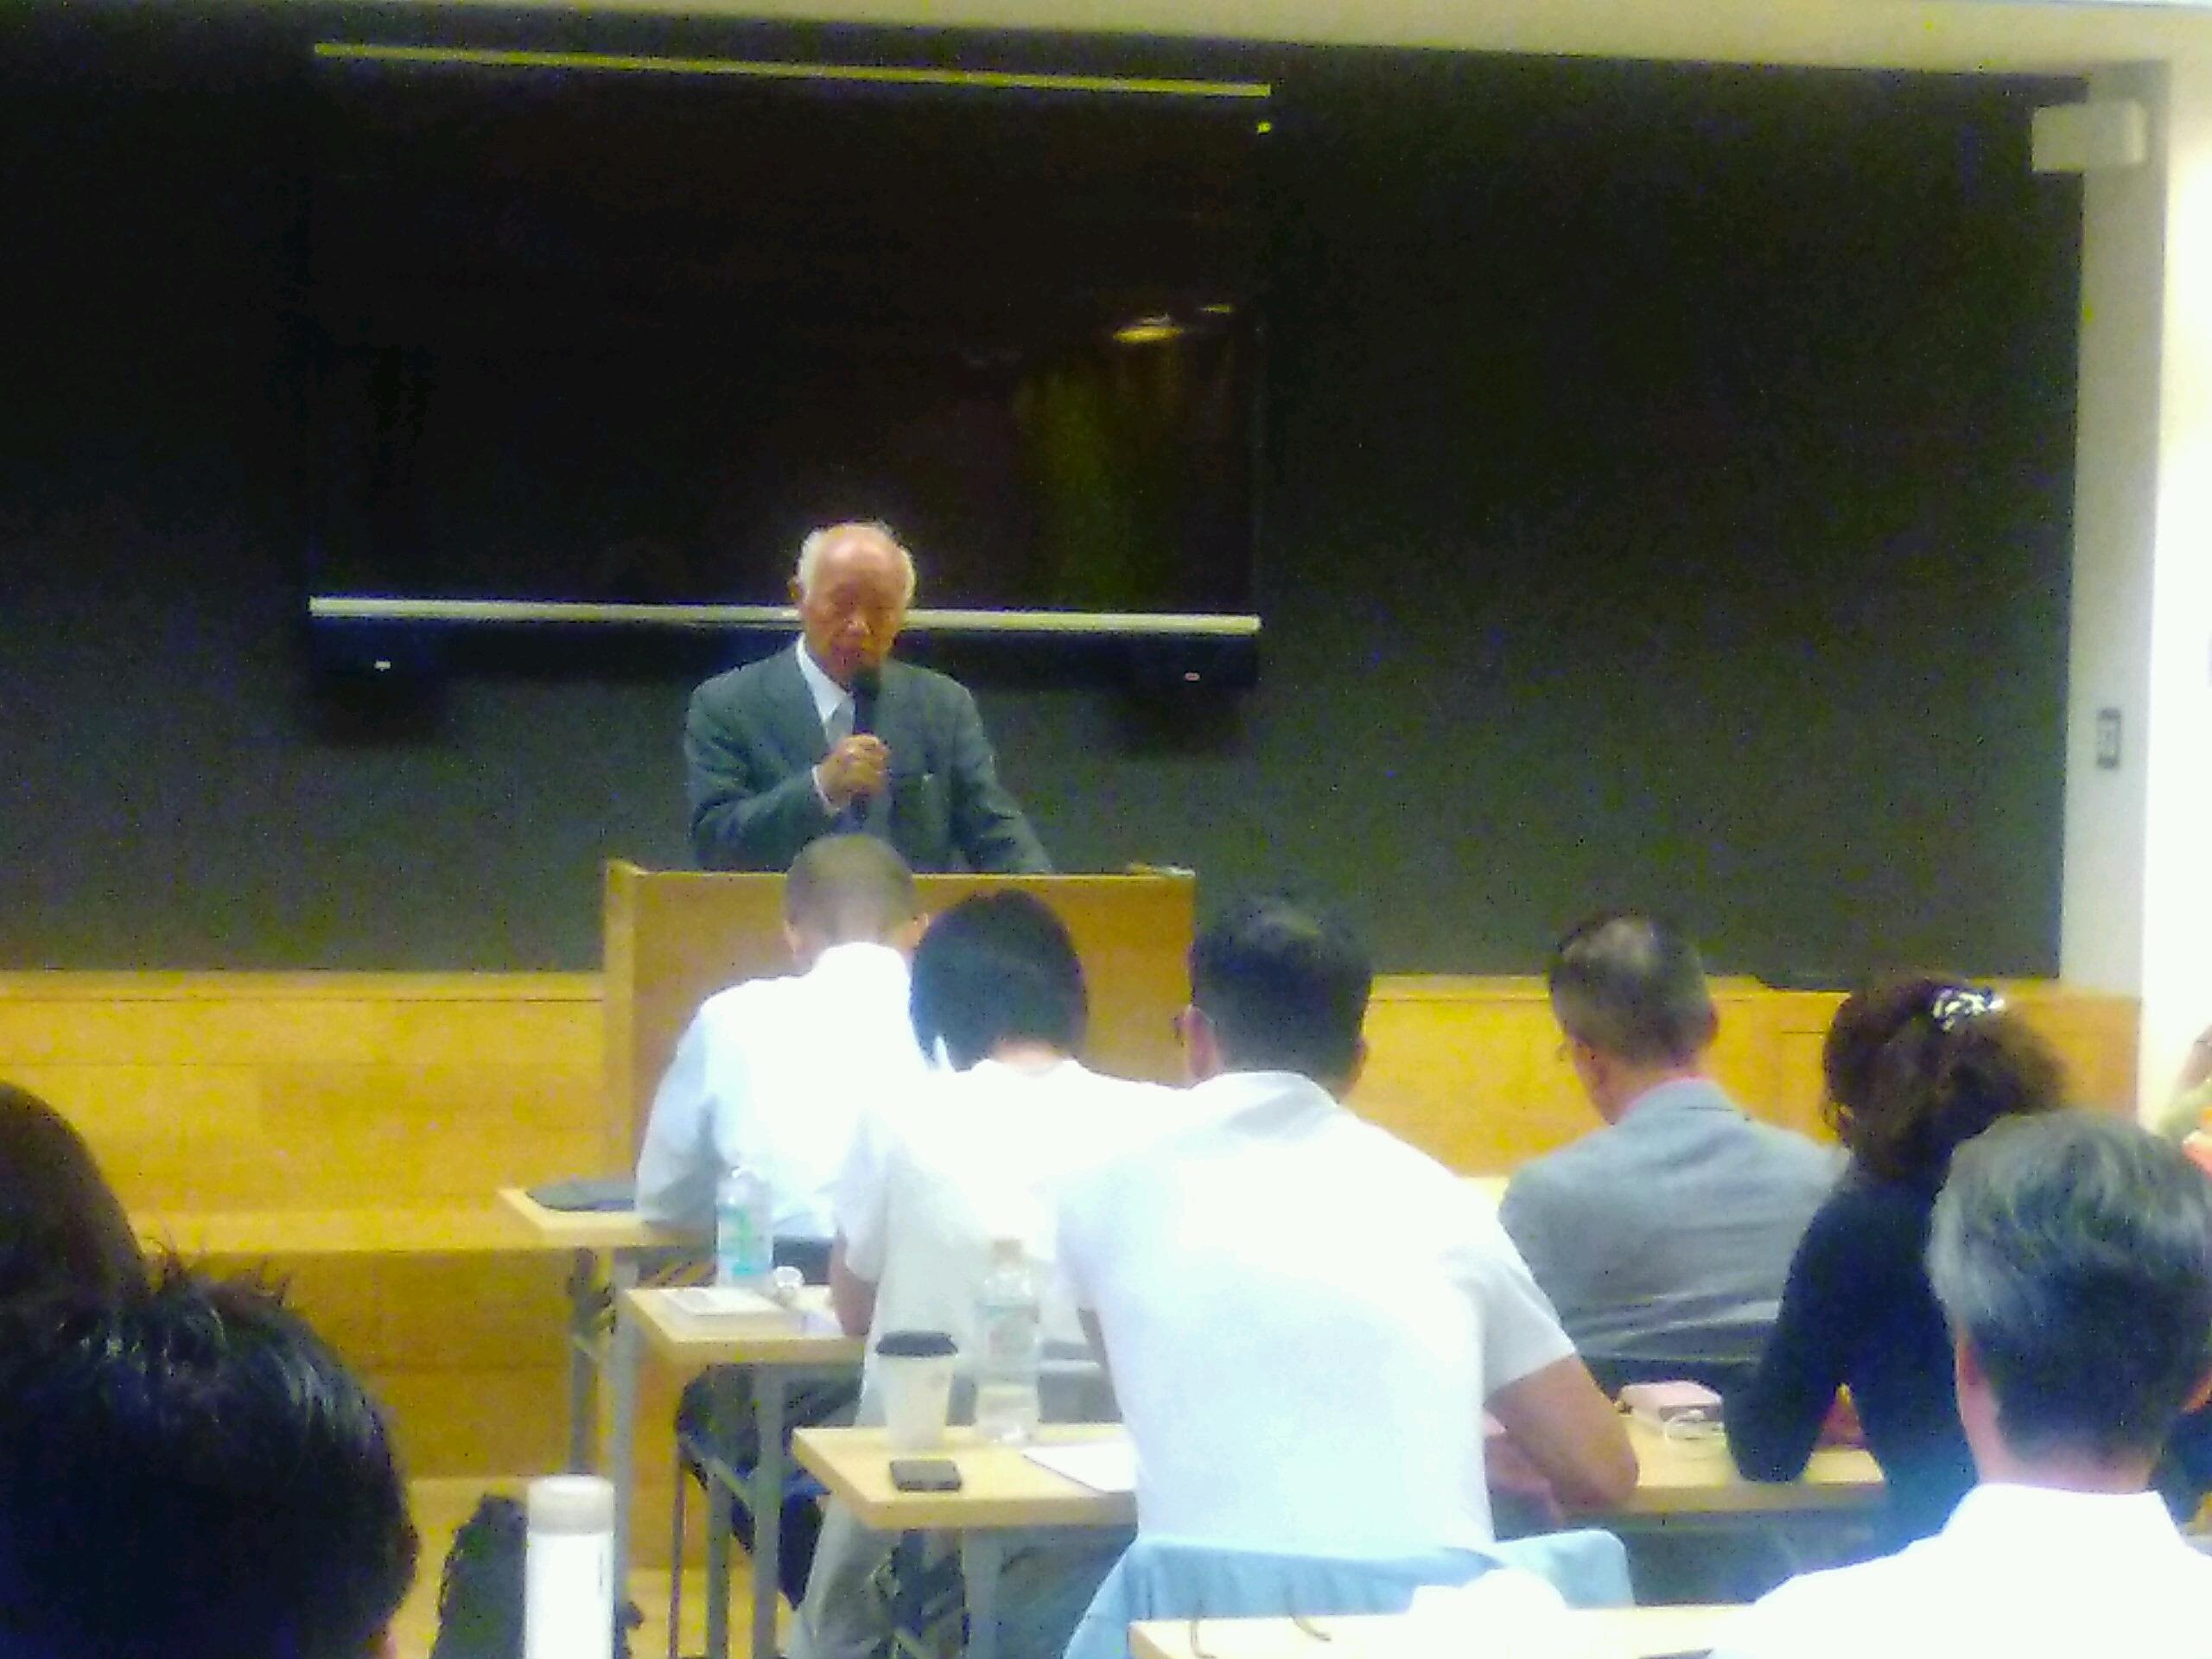 20181006150318 1 - 2018年10月6日(土)第5回東京思風塾開催しました。